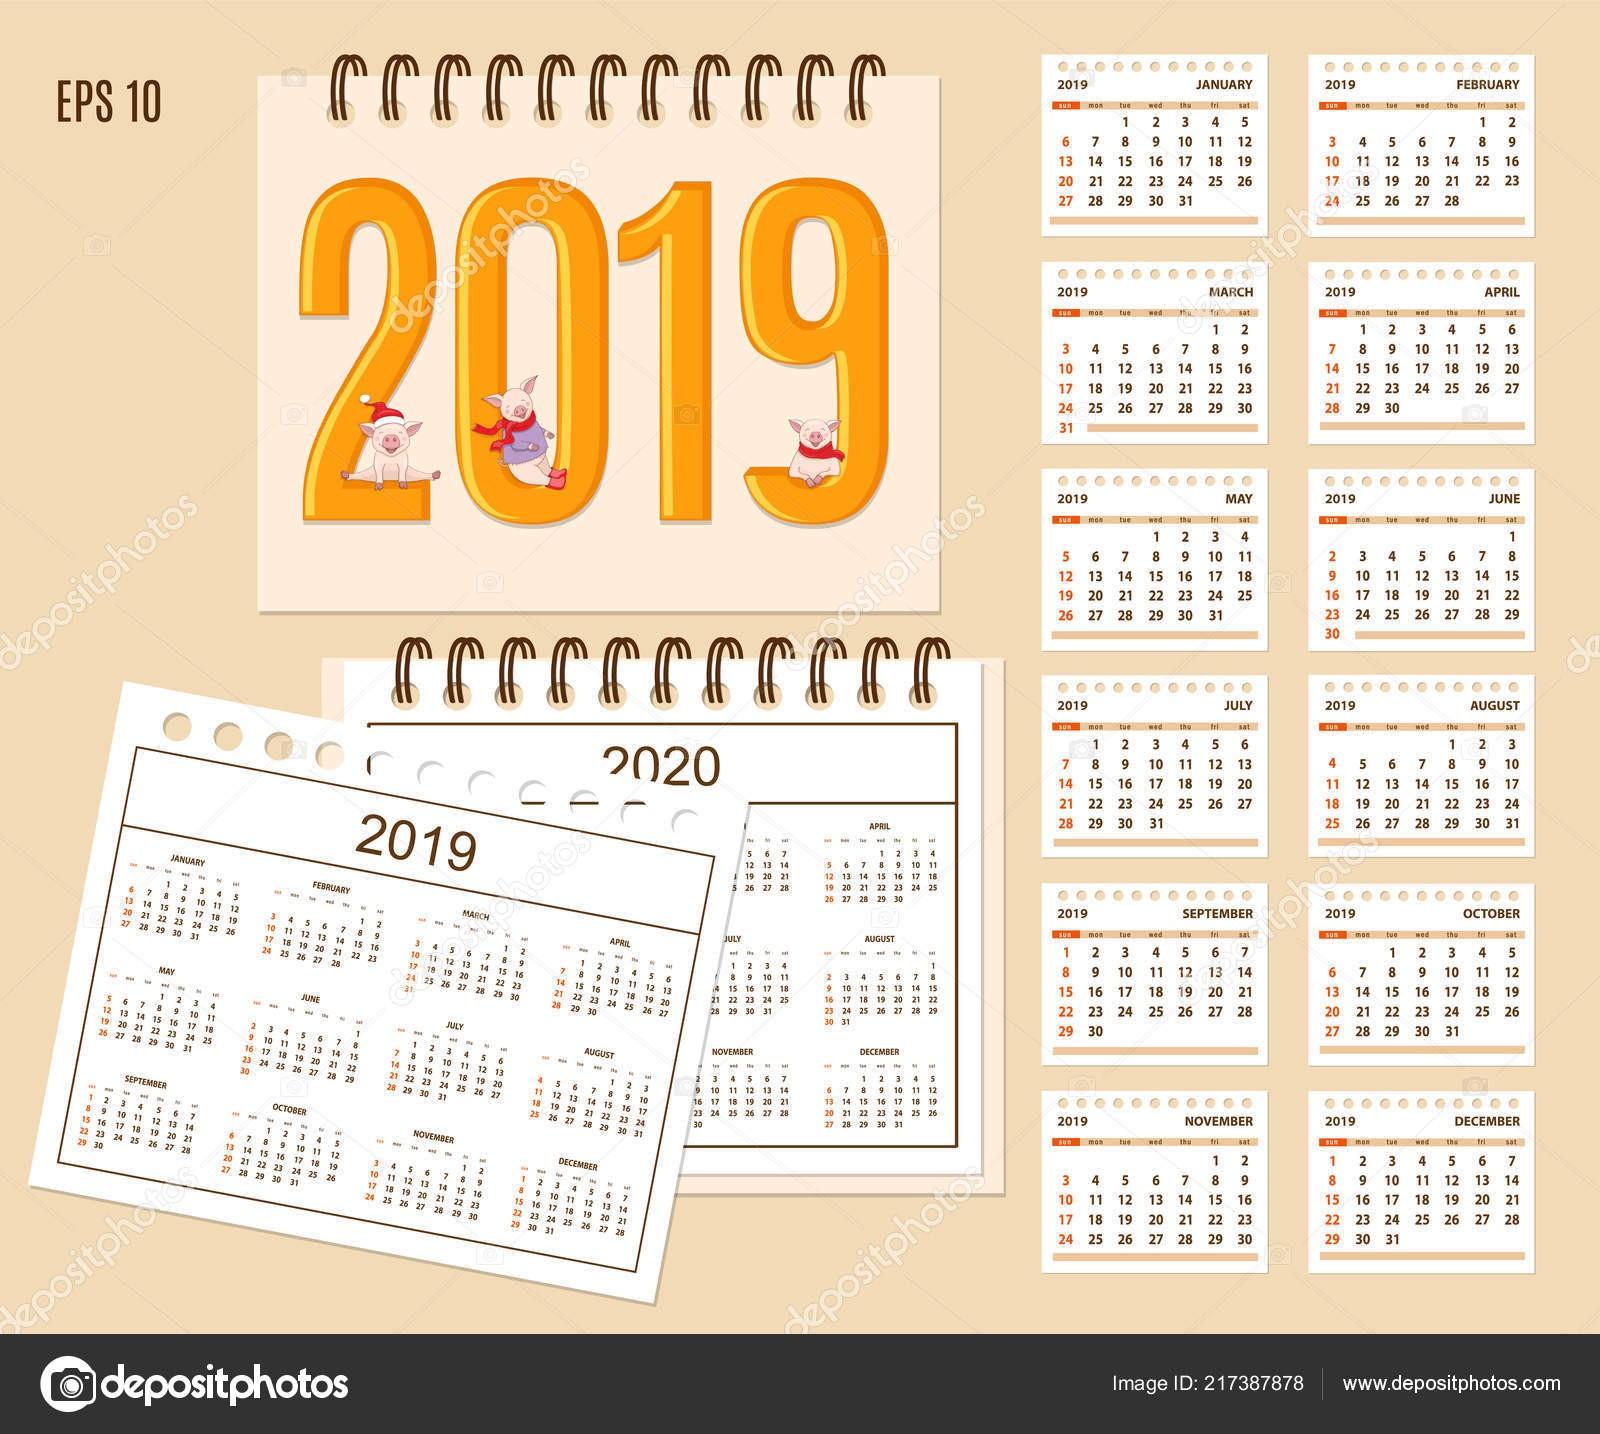 A±o de calendario de escritorio 2019 con piggies Linda de la historieta en cubierta Conjunto de páginas aisladas 12 mes y a±o calendario 2019 2020